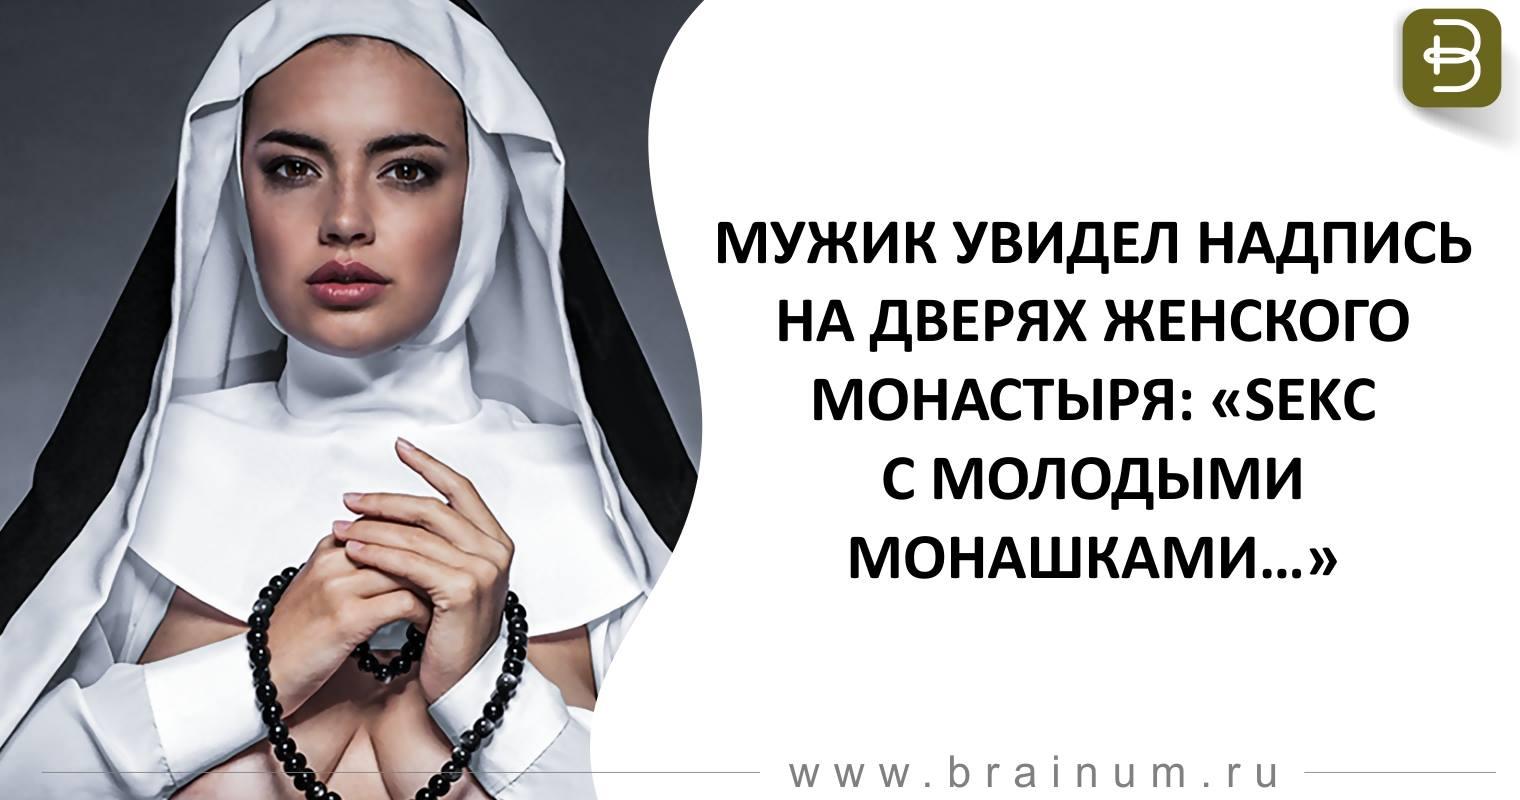 Мужик попал в женский монастырь